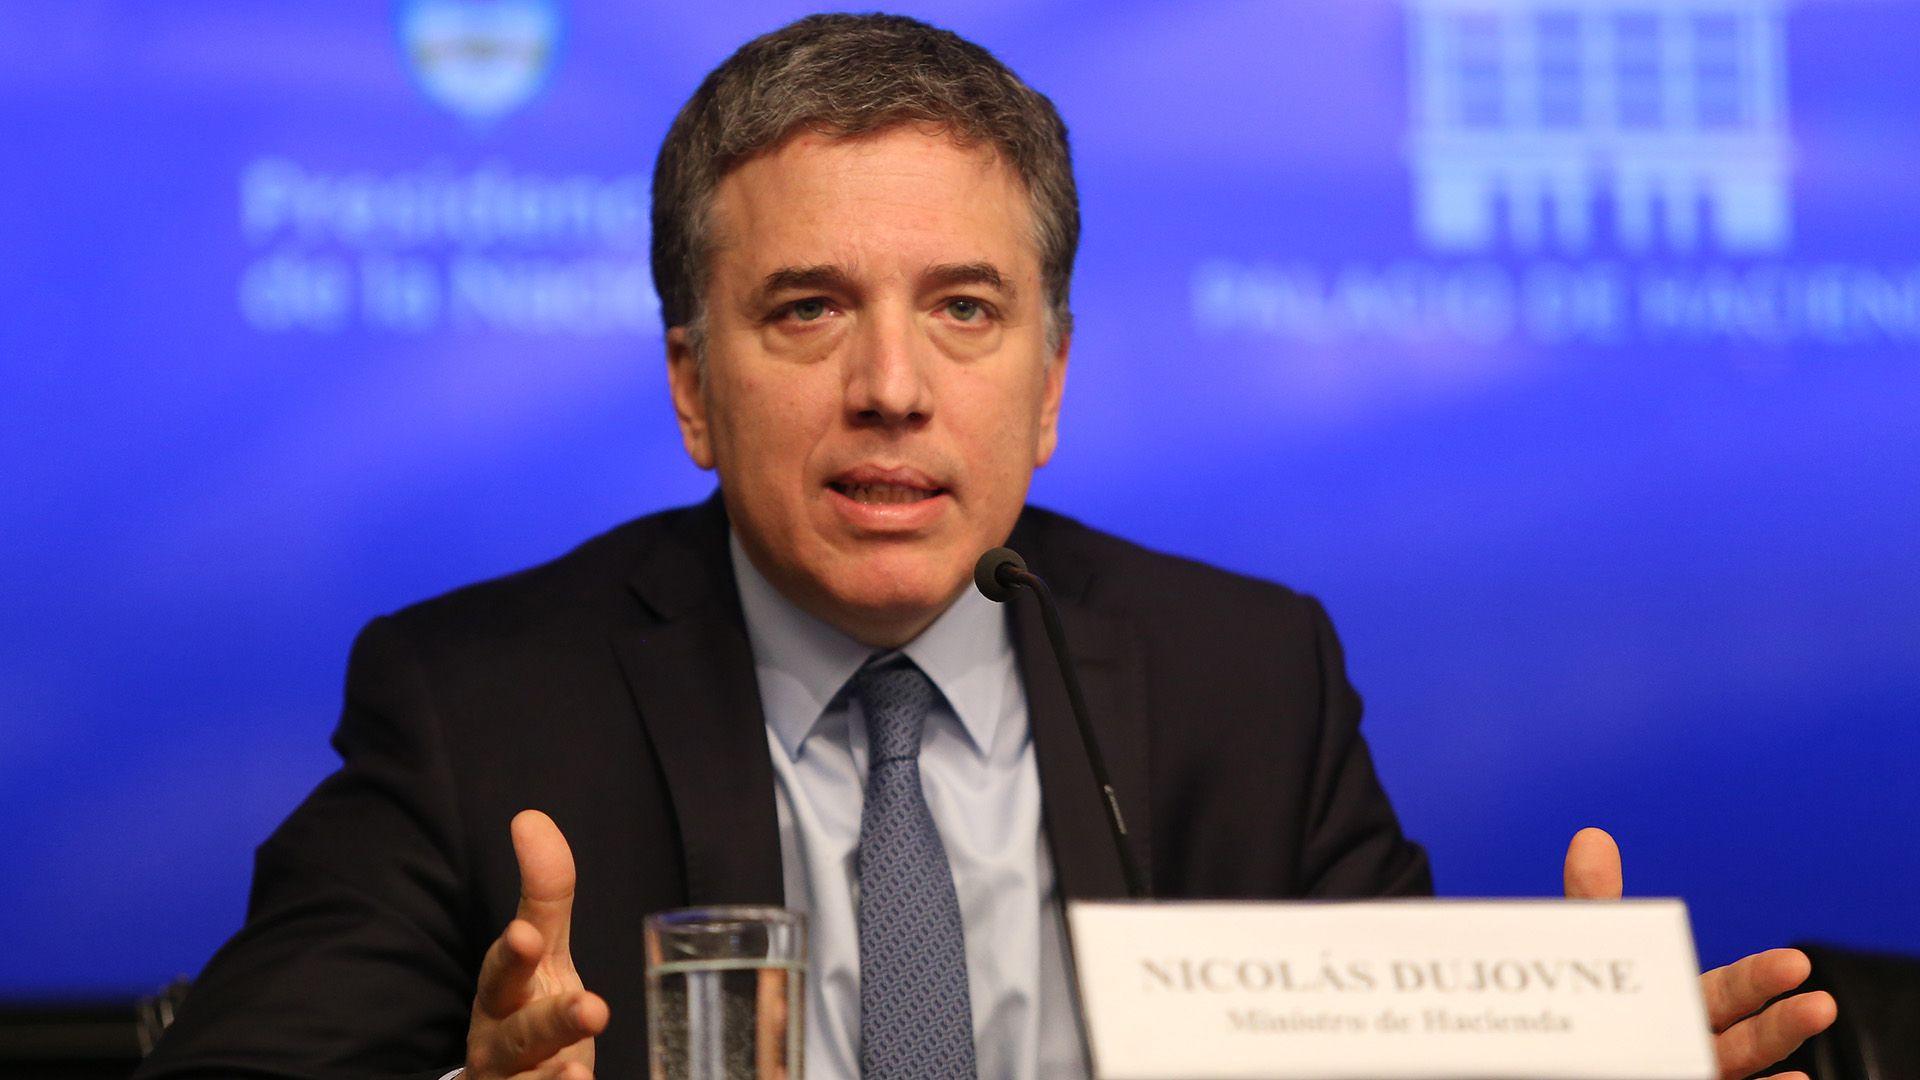 Nicolás Dujovne, cuando todavía era ministro de Mauricio Macri.